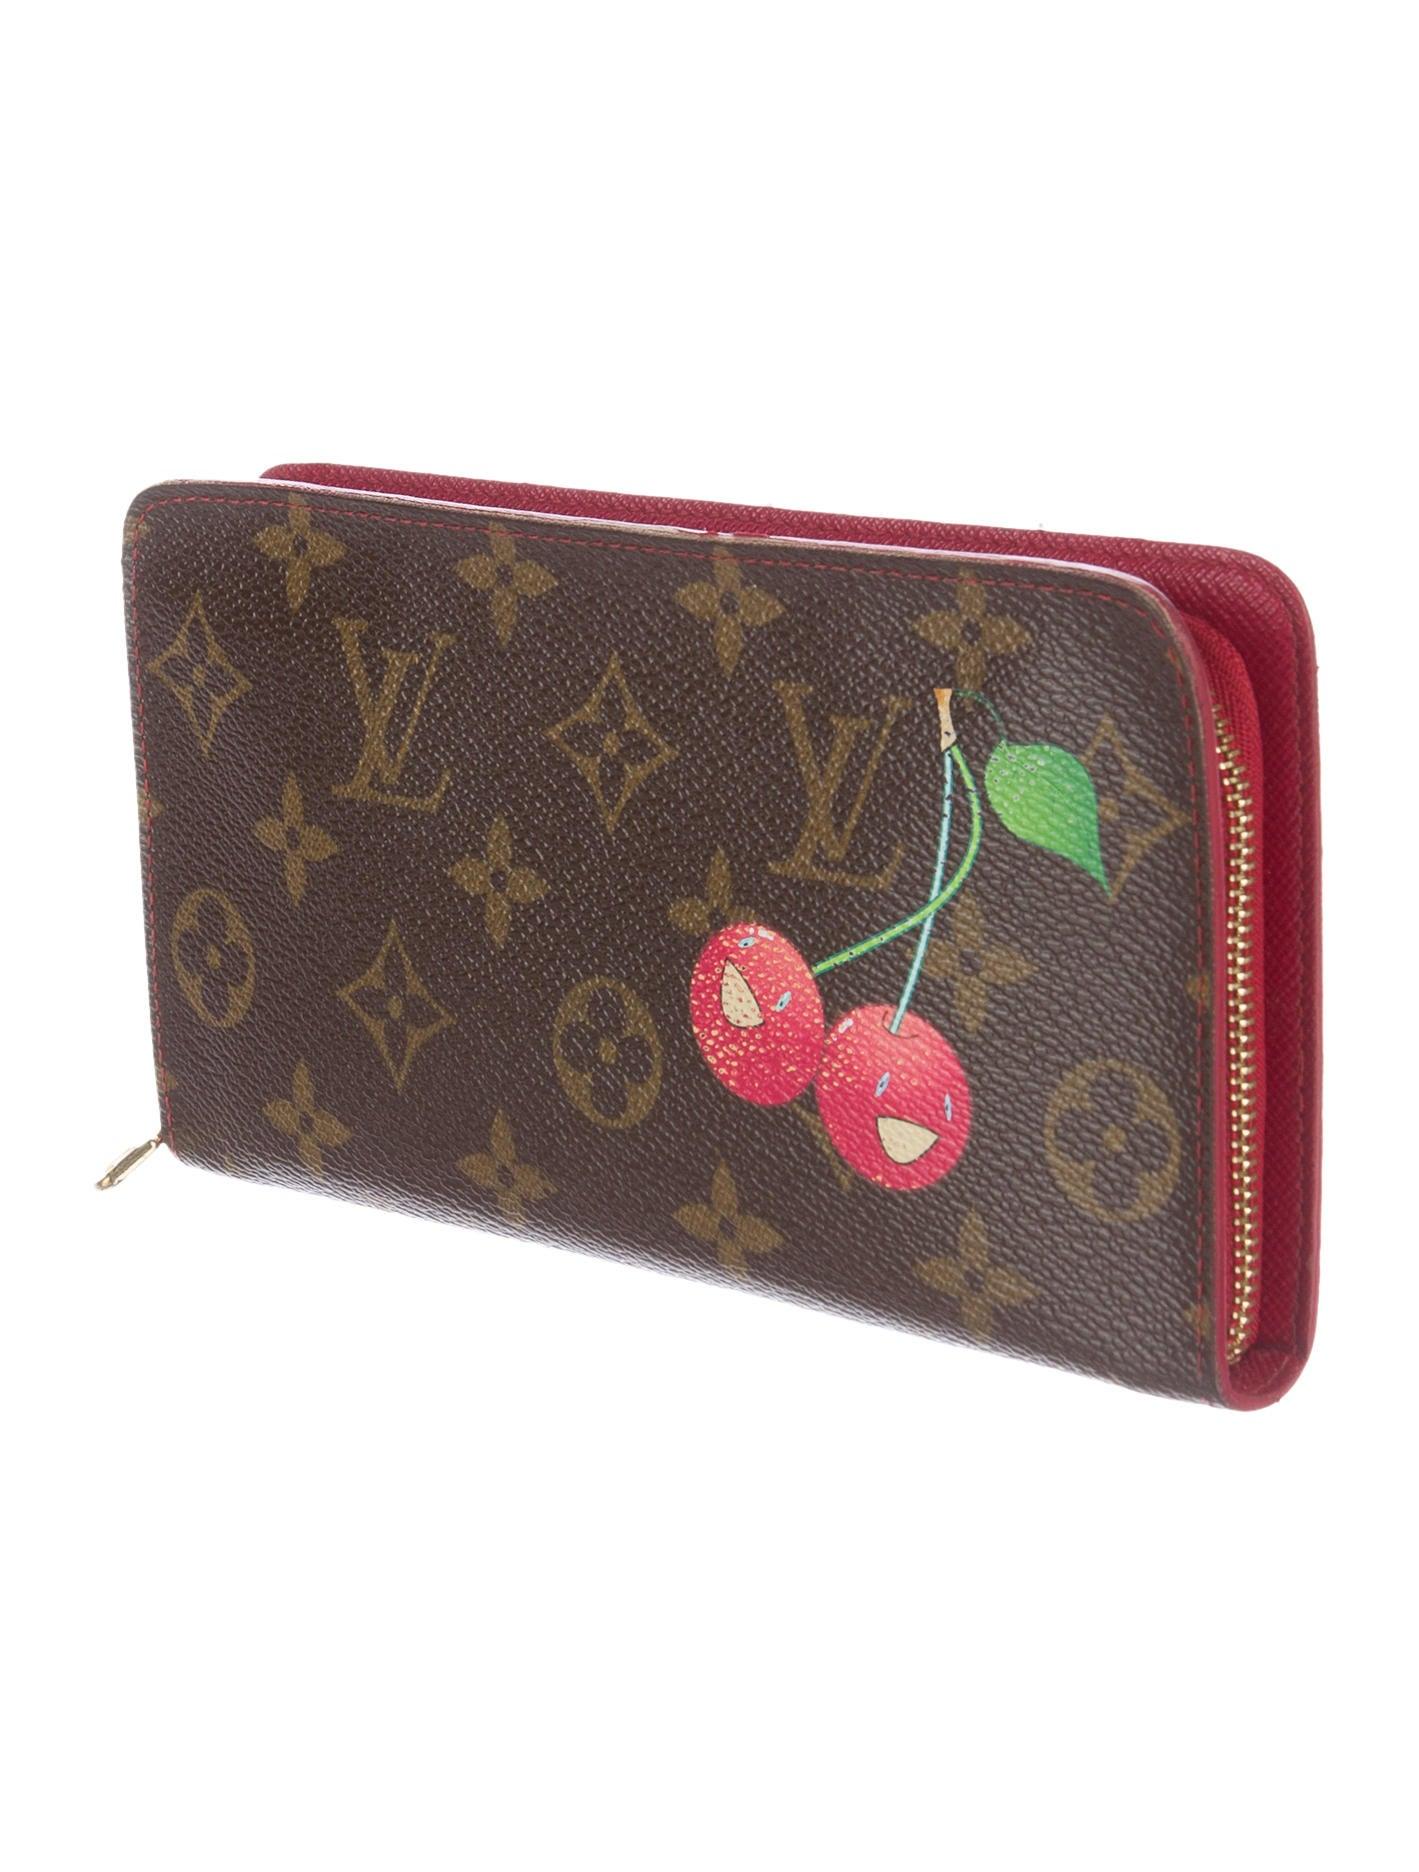 Louis vuitton monogram cerises porte monnaie zippy wallet for Porte monnaie wallet